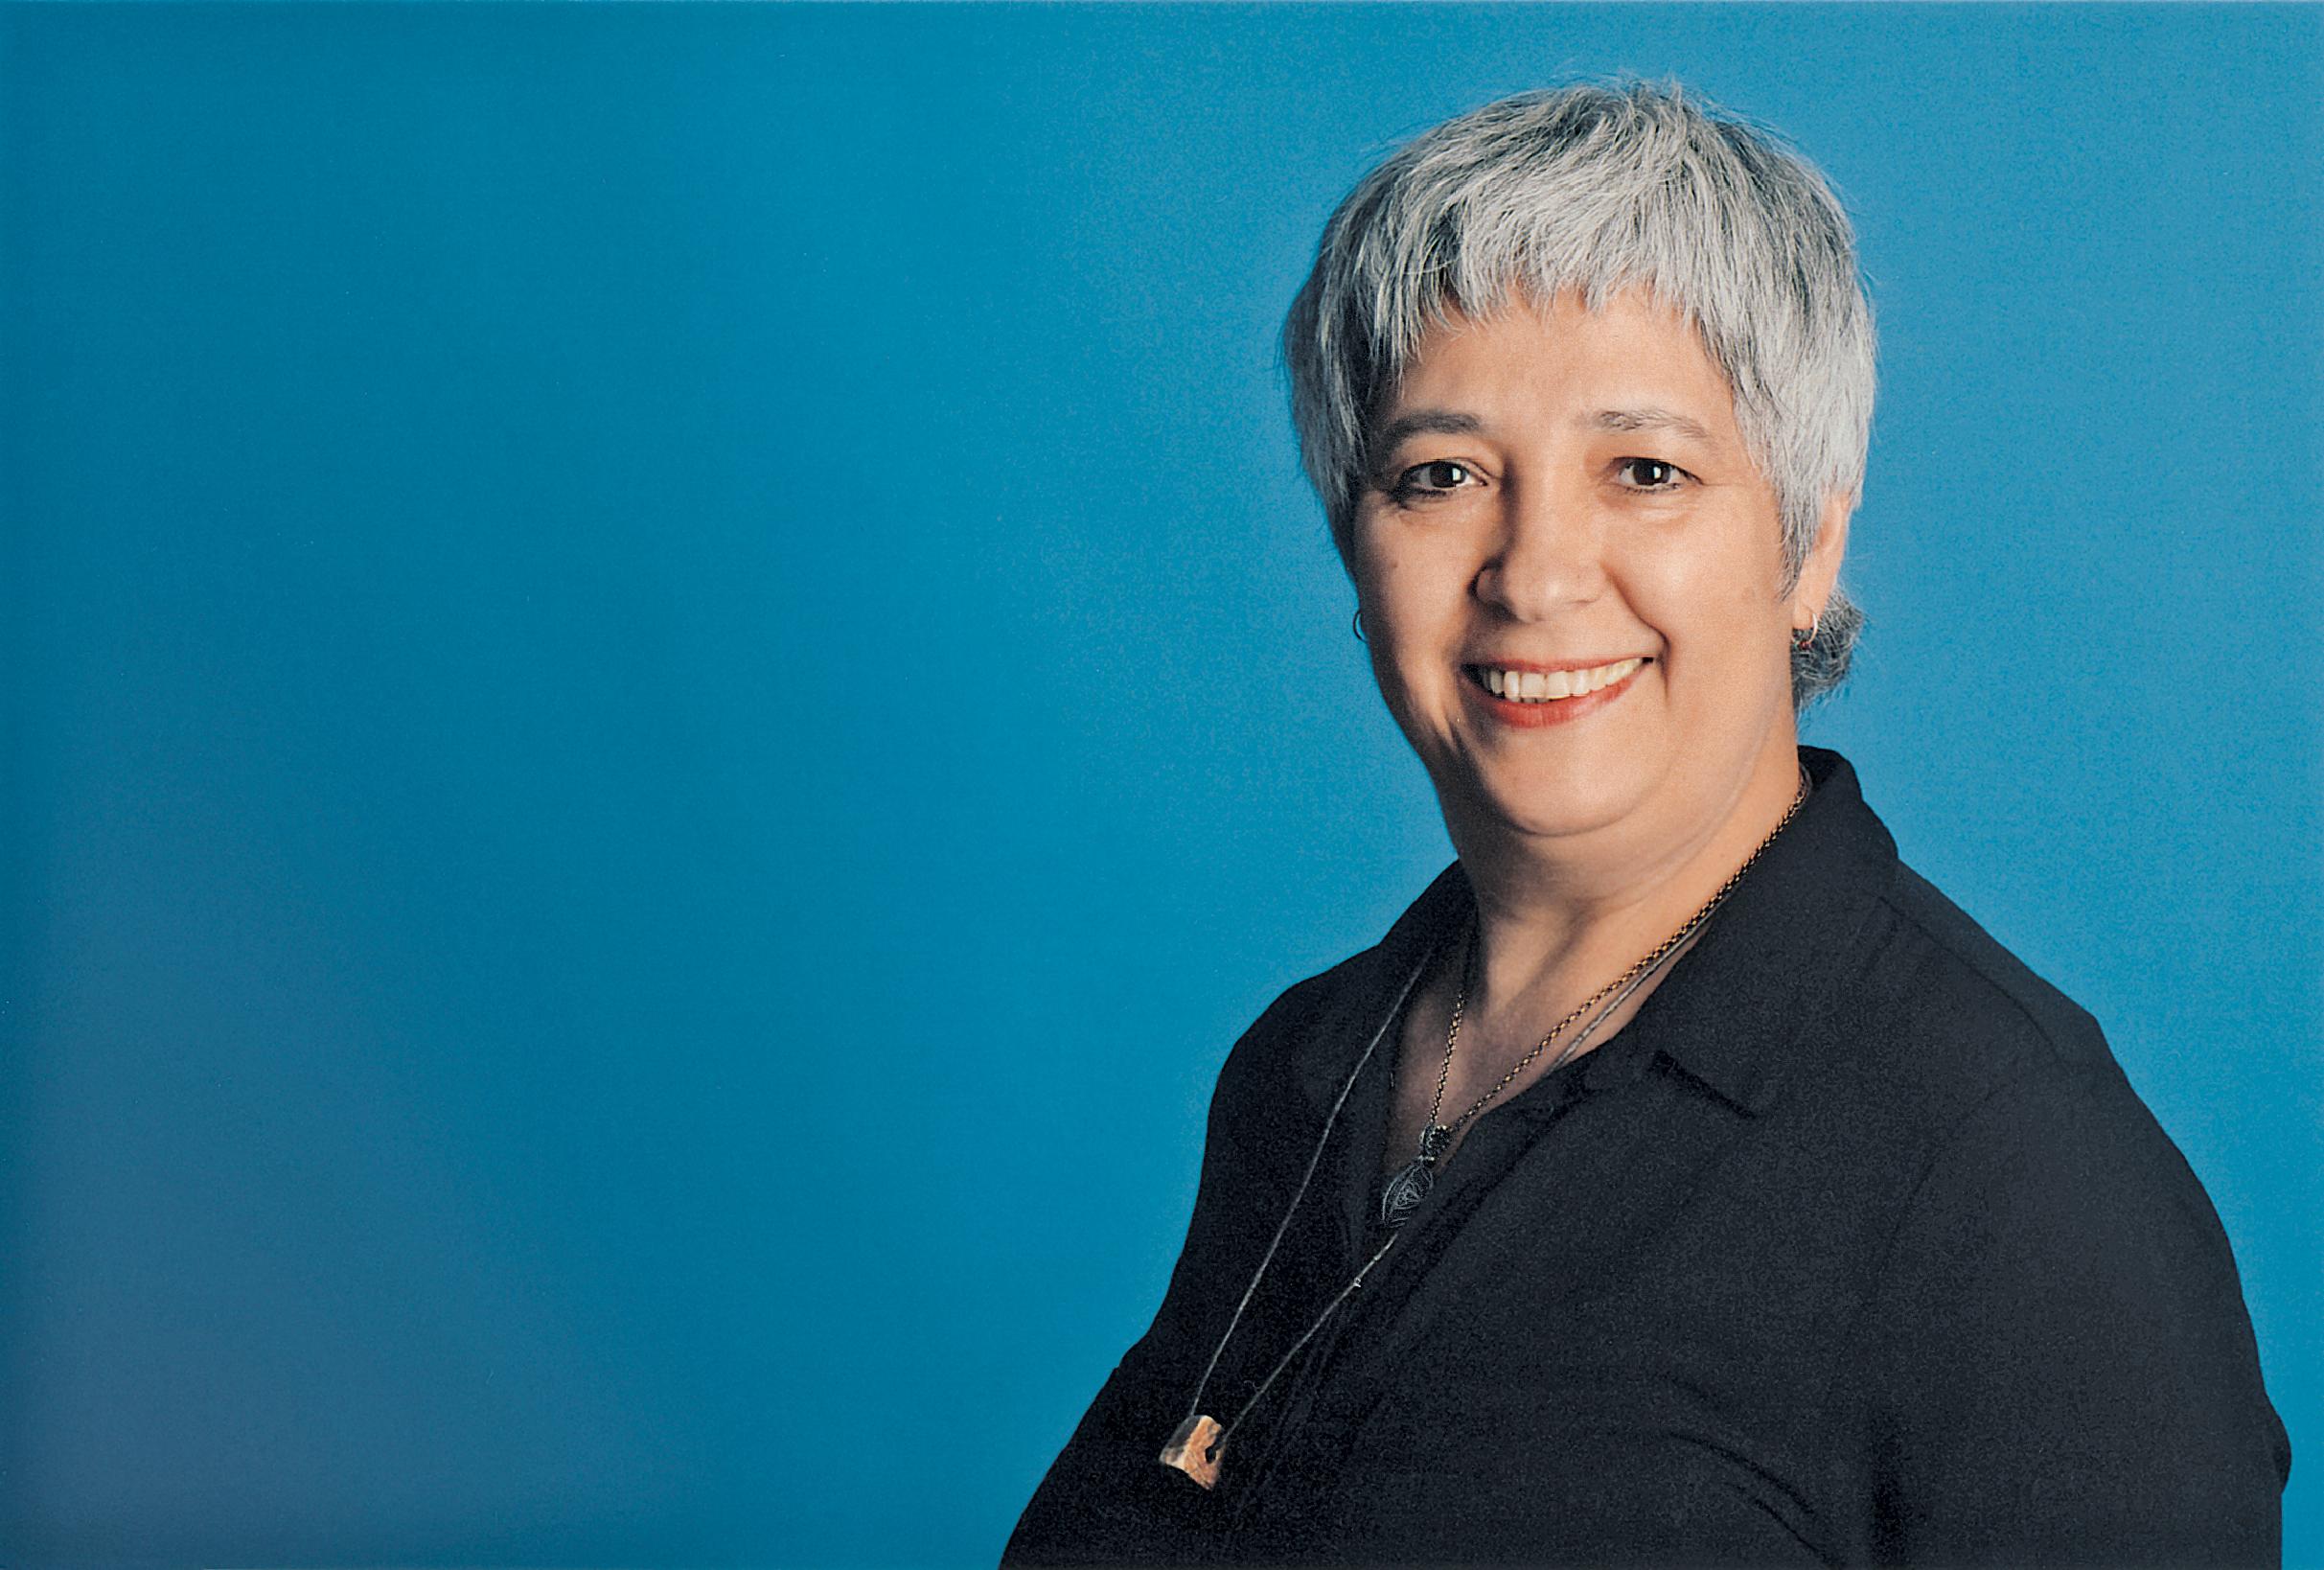 Bild von Seyran Ateş, lächelnde Frau, mit kurzen grauen Haaren